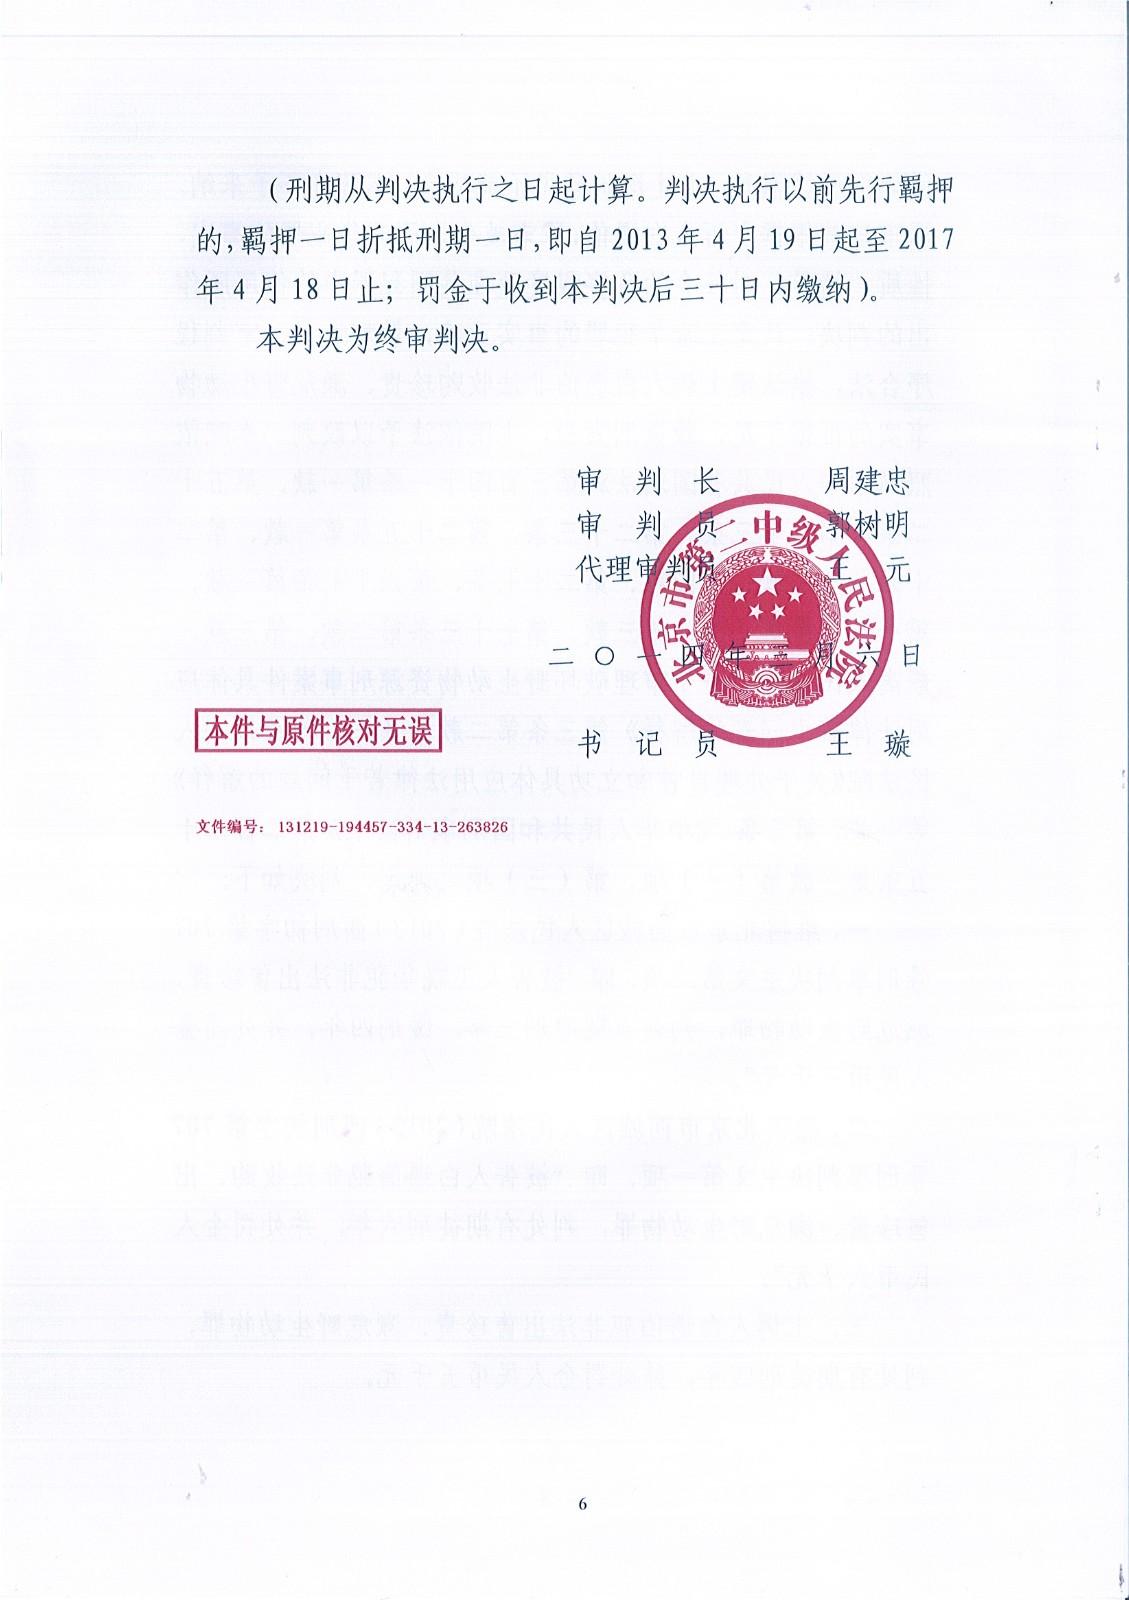 白遇伯刑事判决书(2013)二中刑终字第2088号-444.jpg